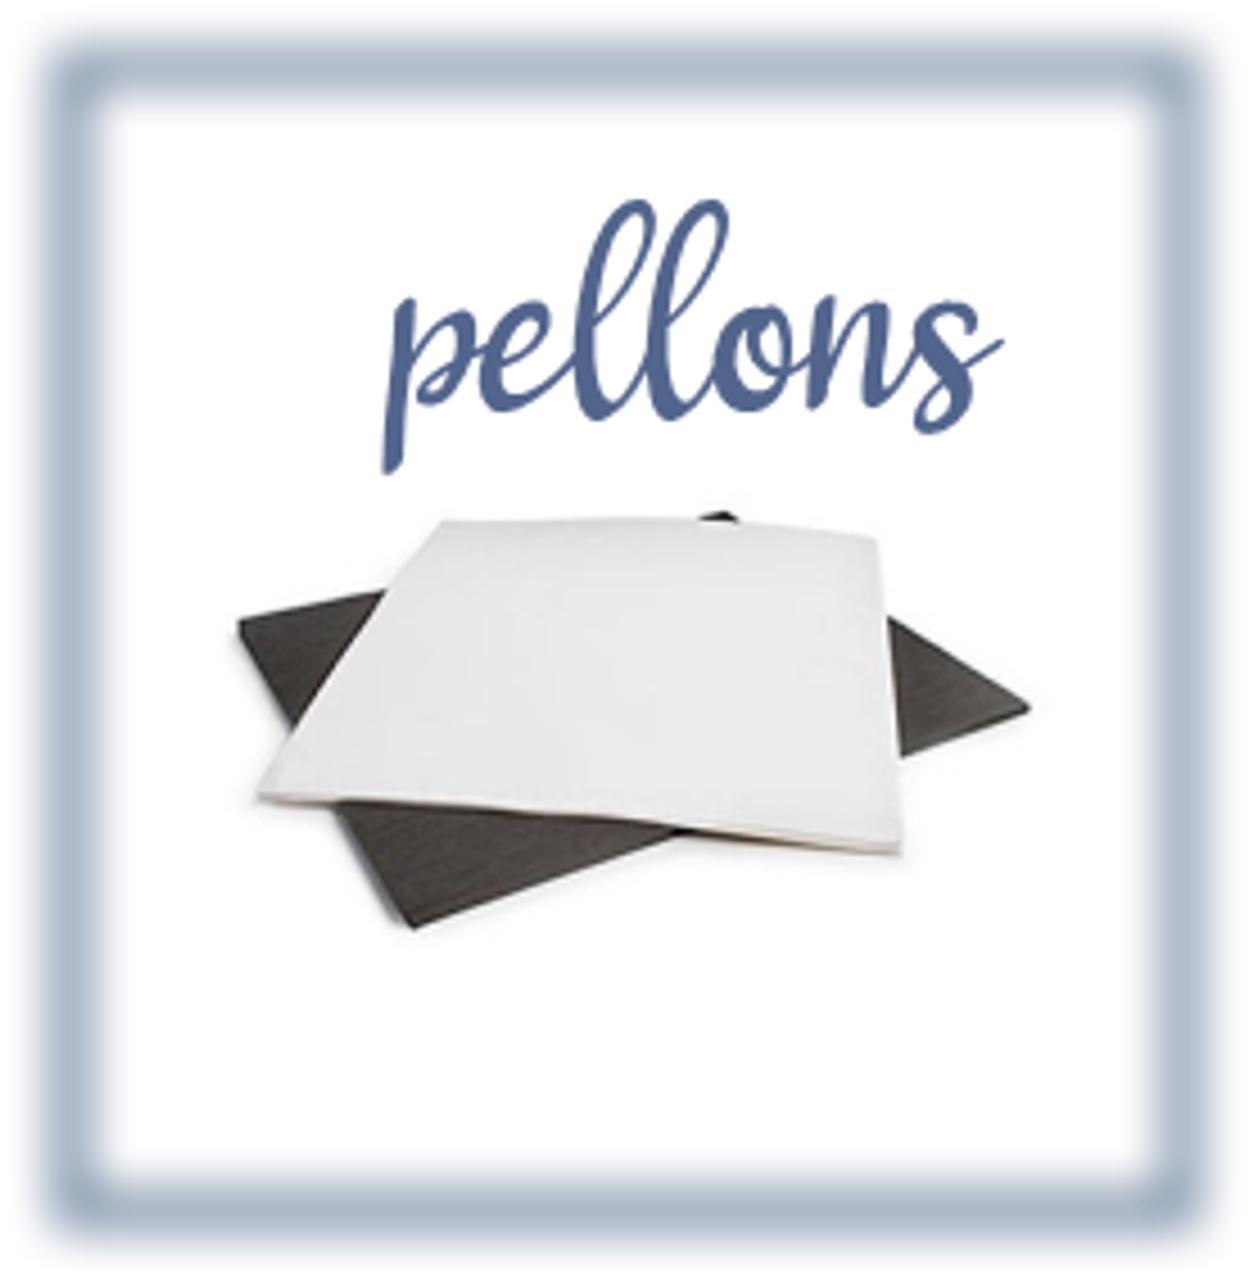 Pellons & Test Print Material